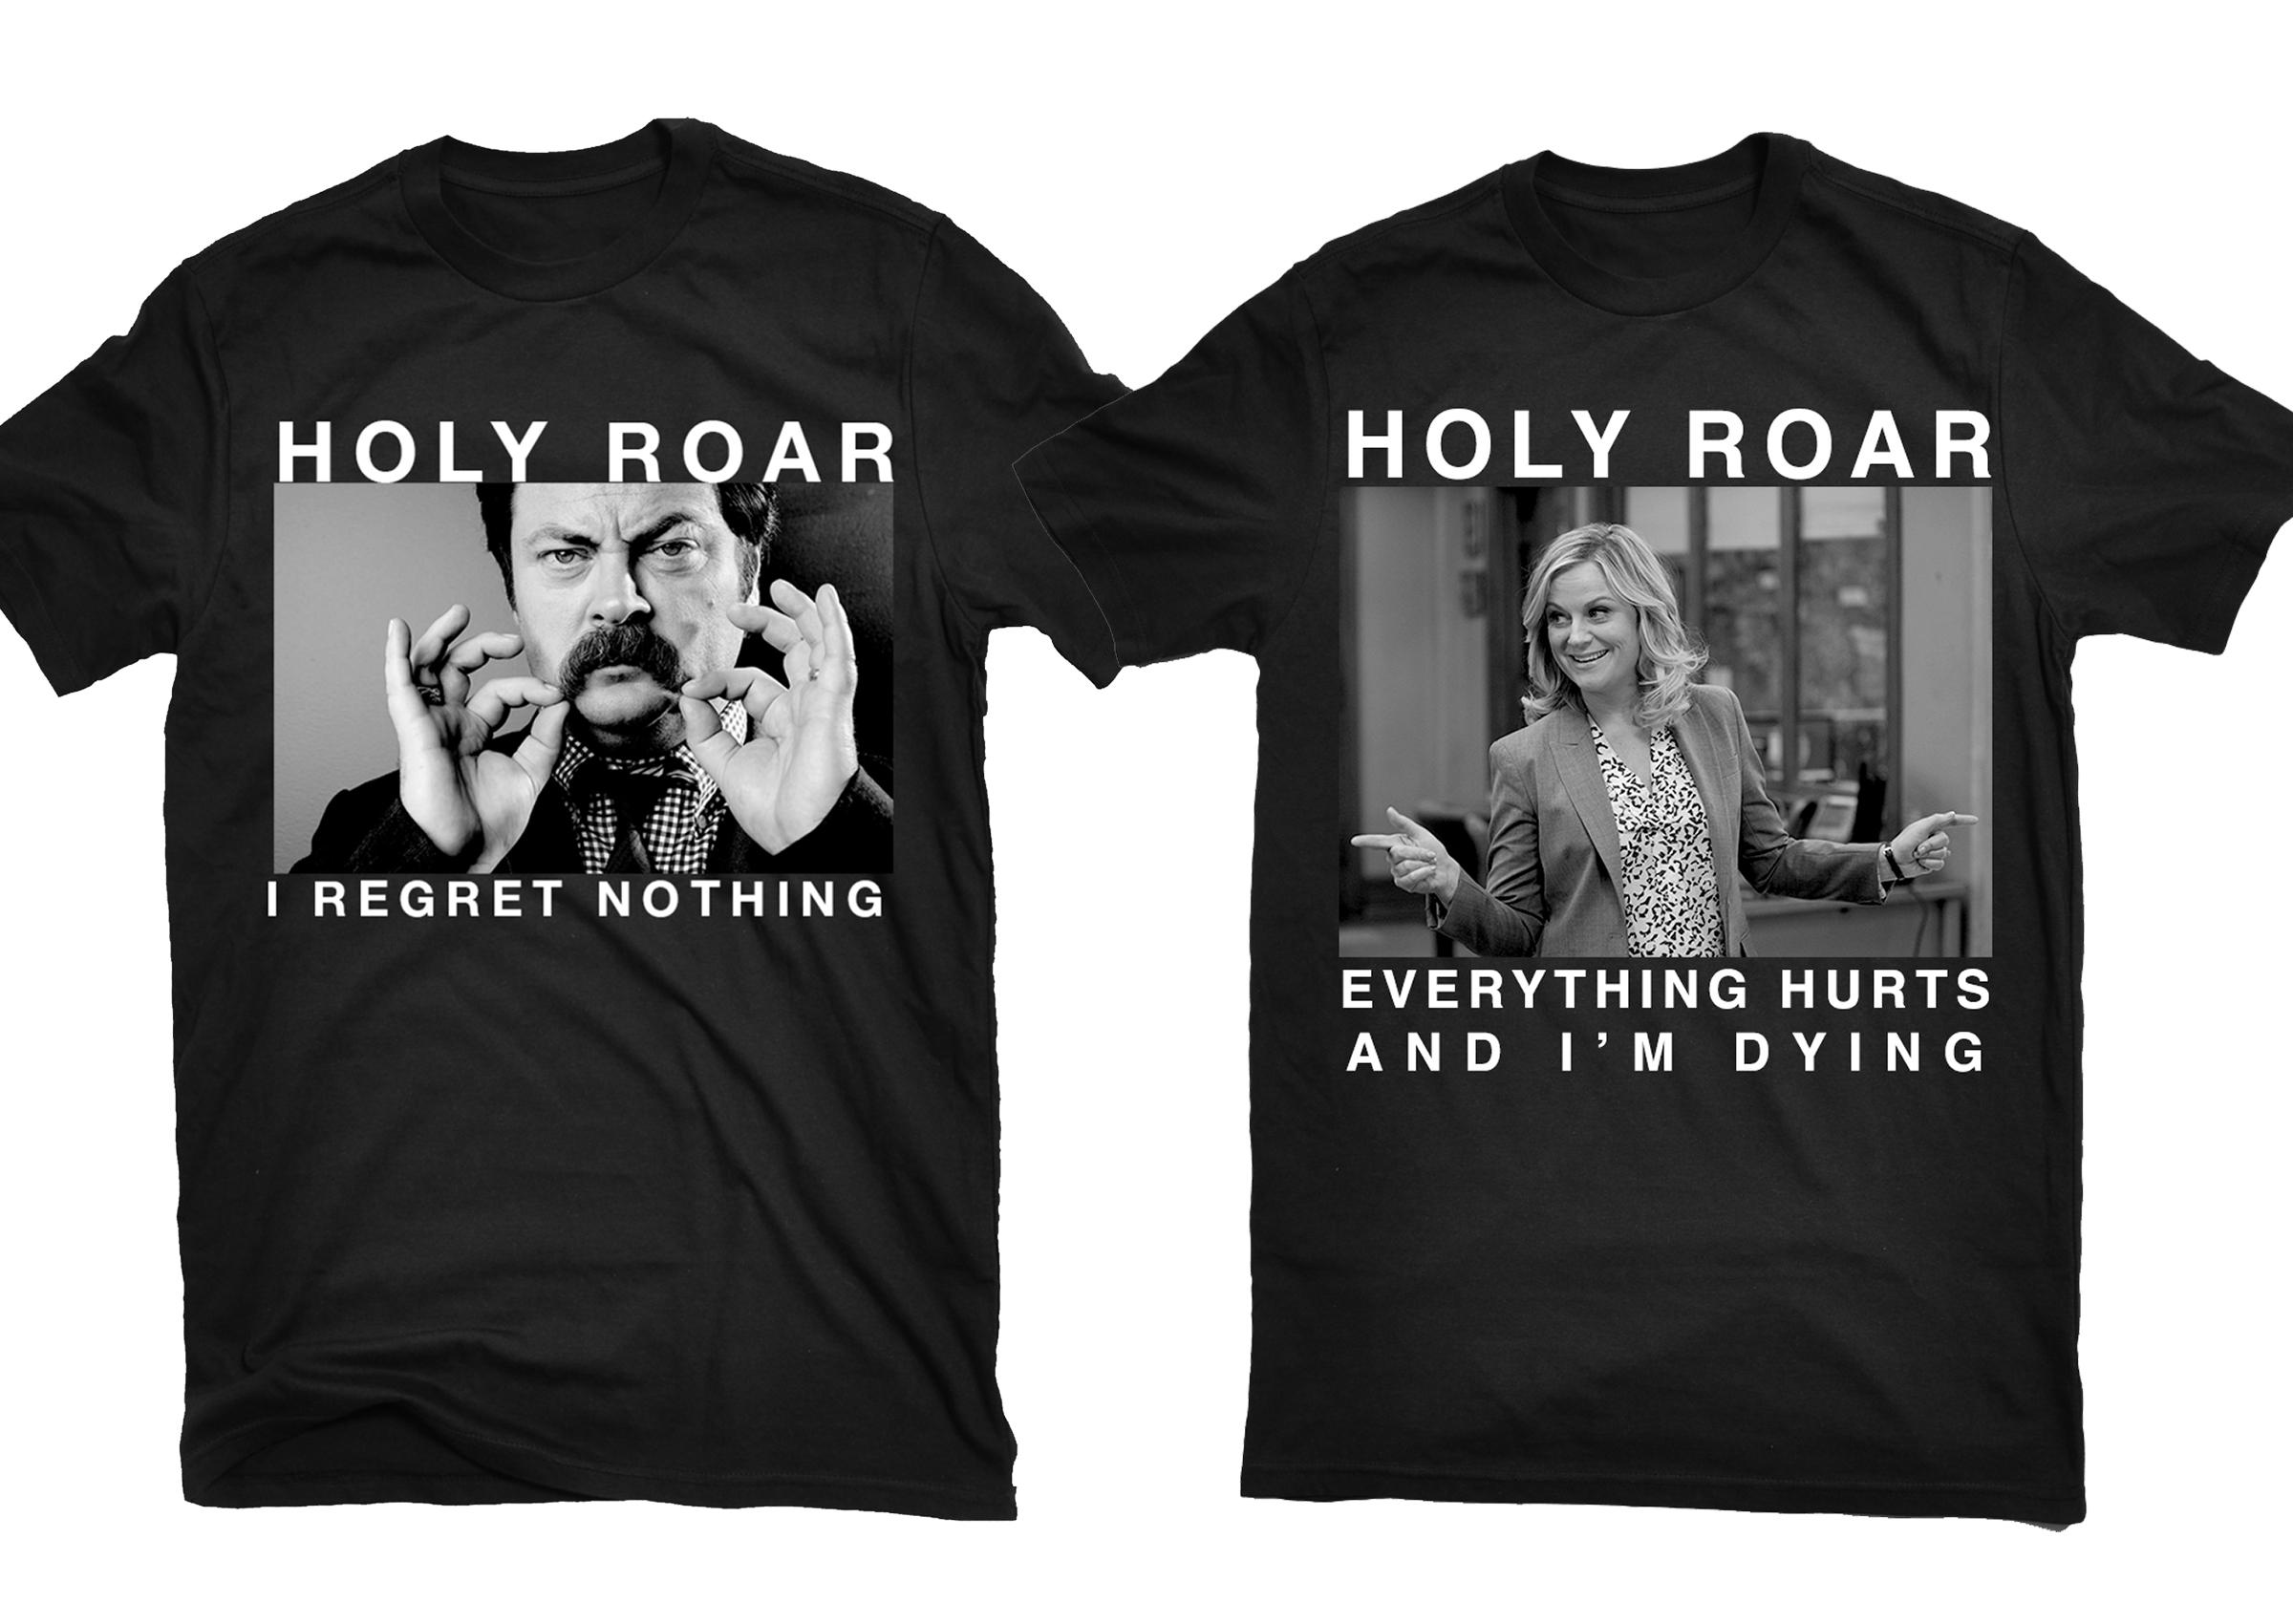 Holy Roar x Parks and Rec bundle